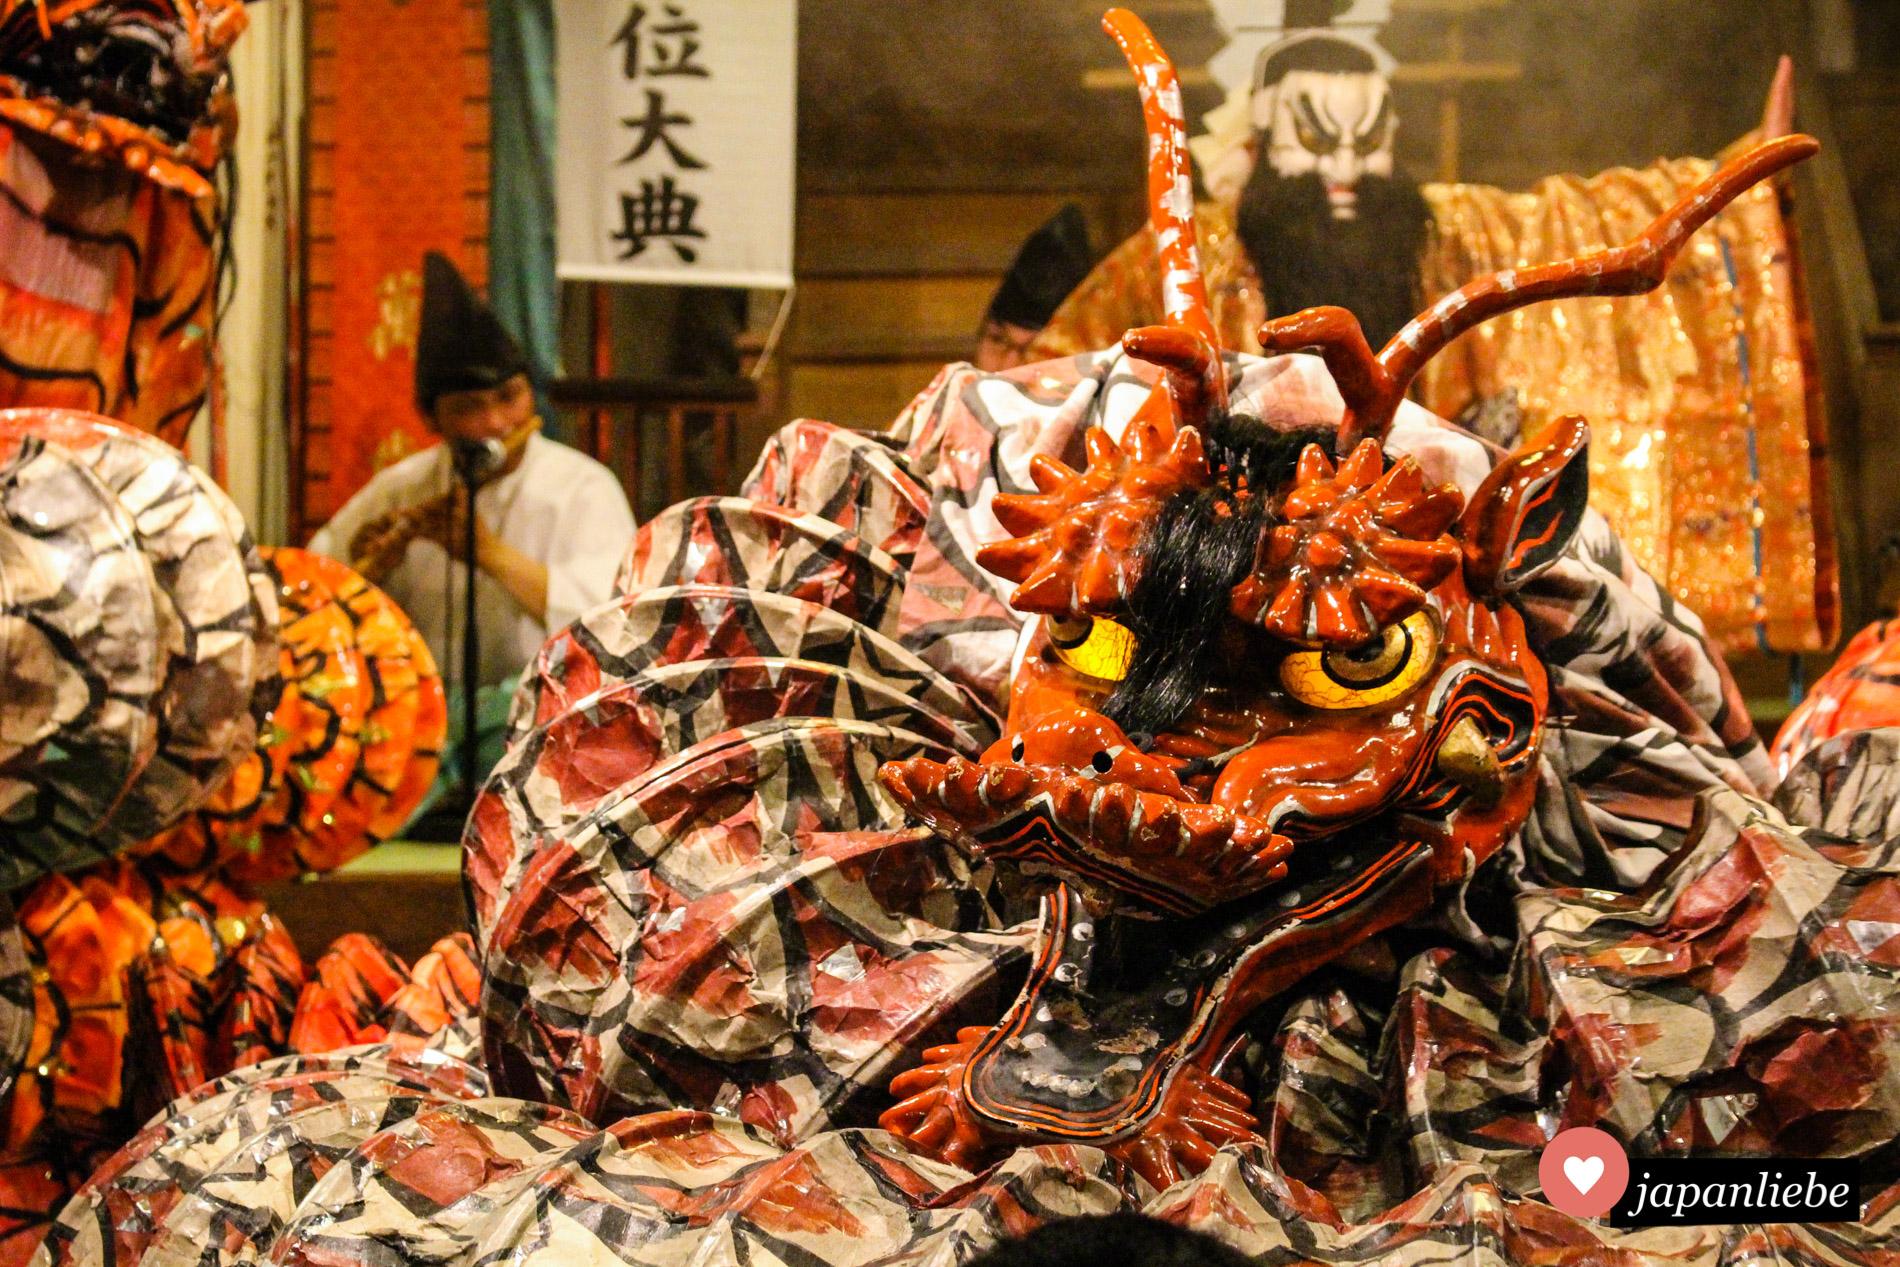 Pompöse Kostüme und schaurige Masken. Das Iwami-kagura-Theater weiß, wie man das Publikum zum Staunen bringt.